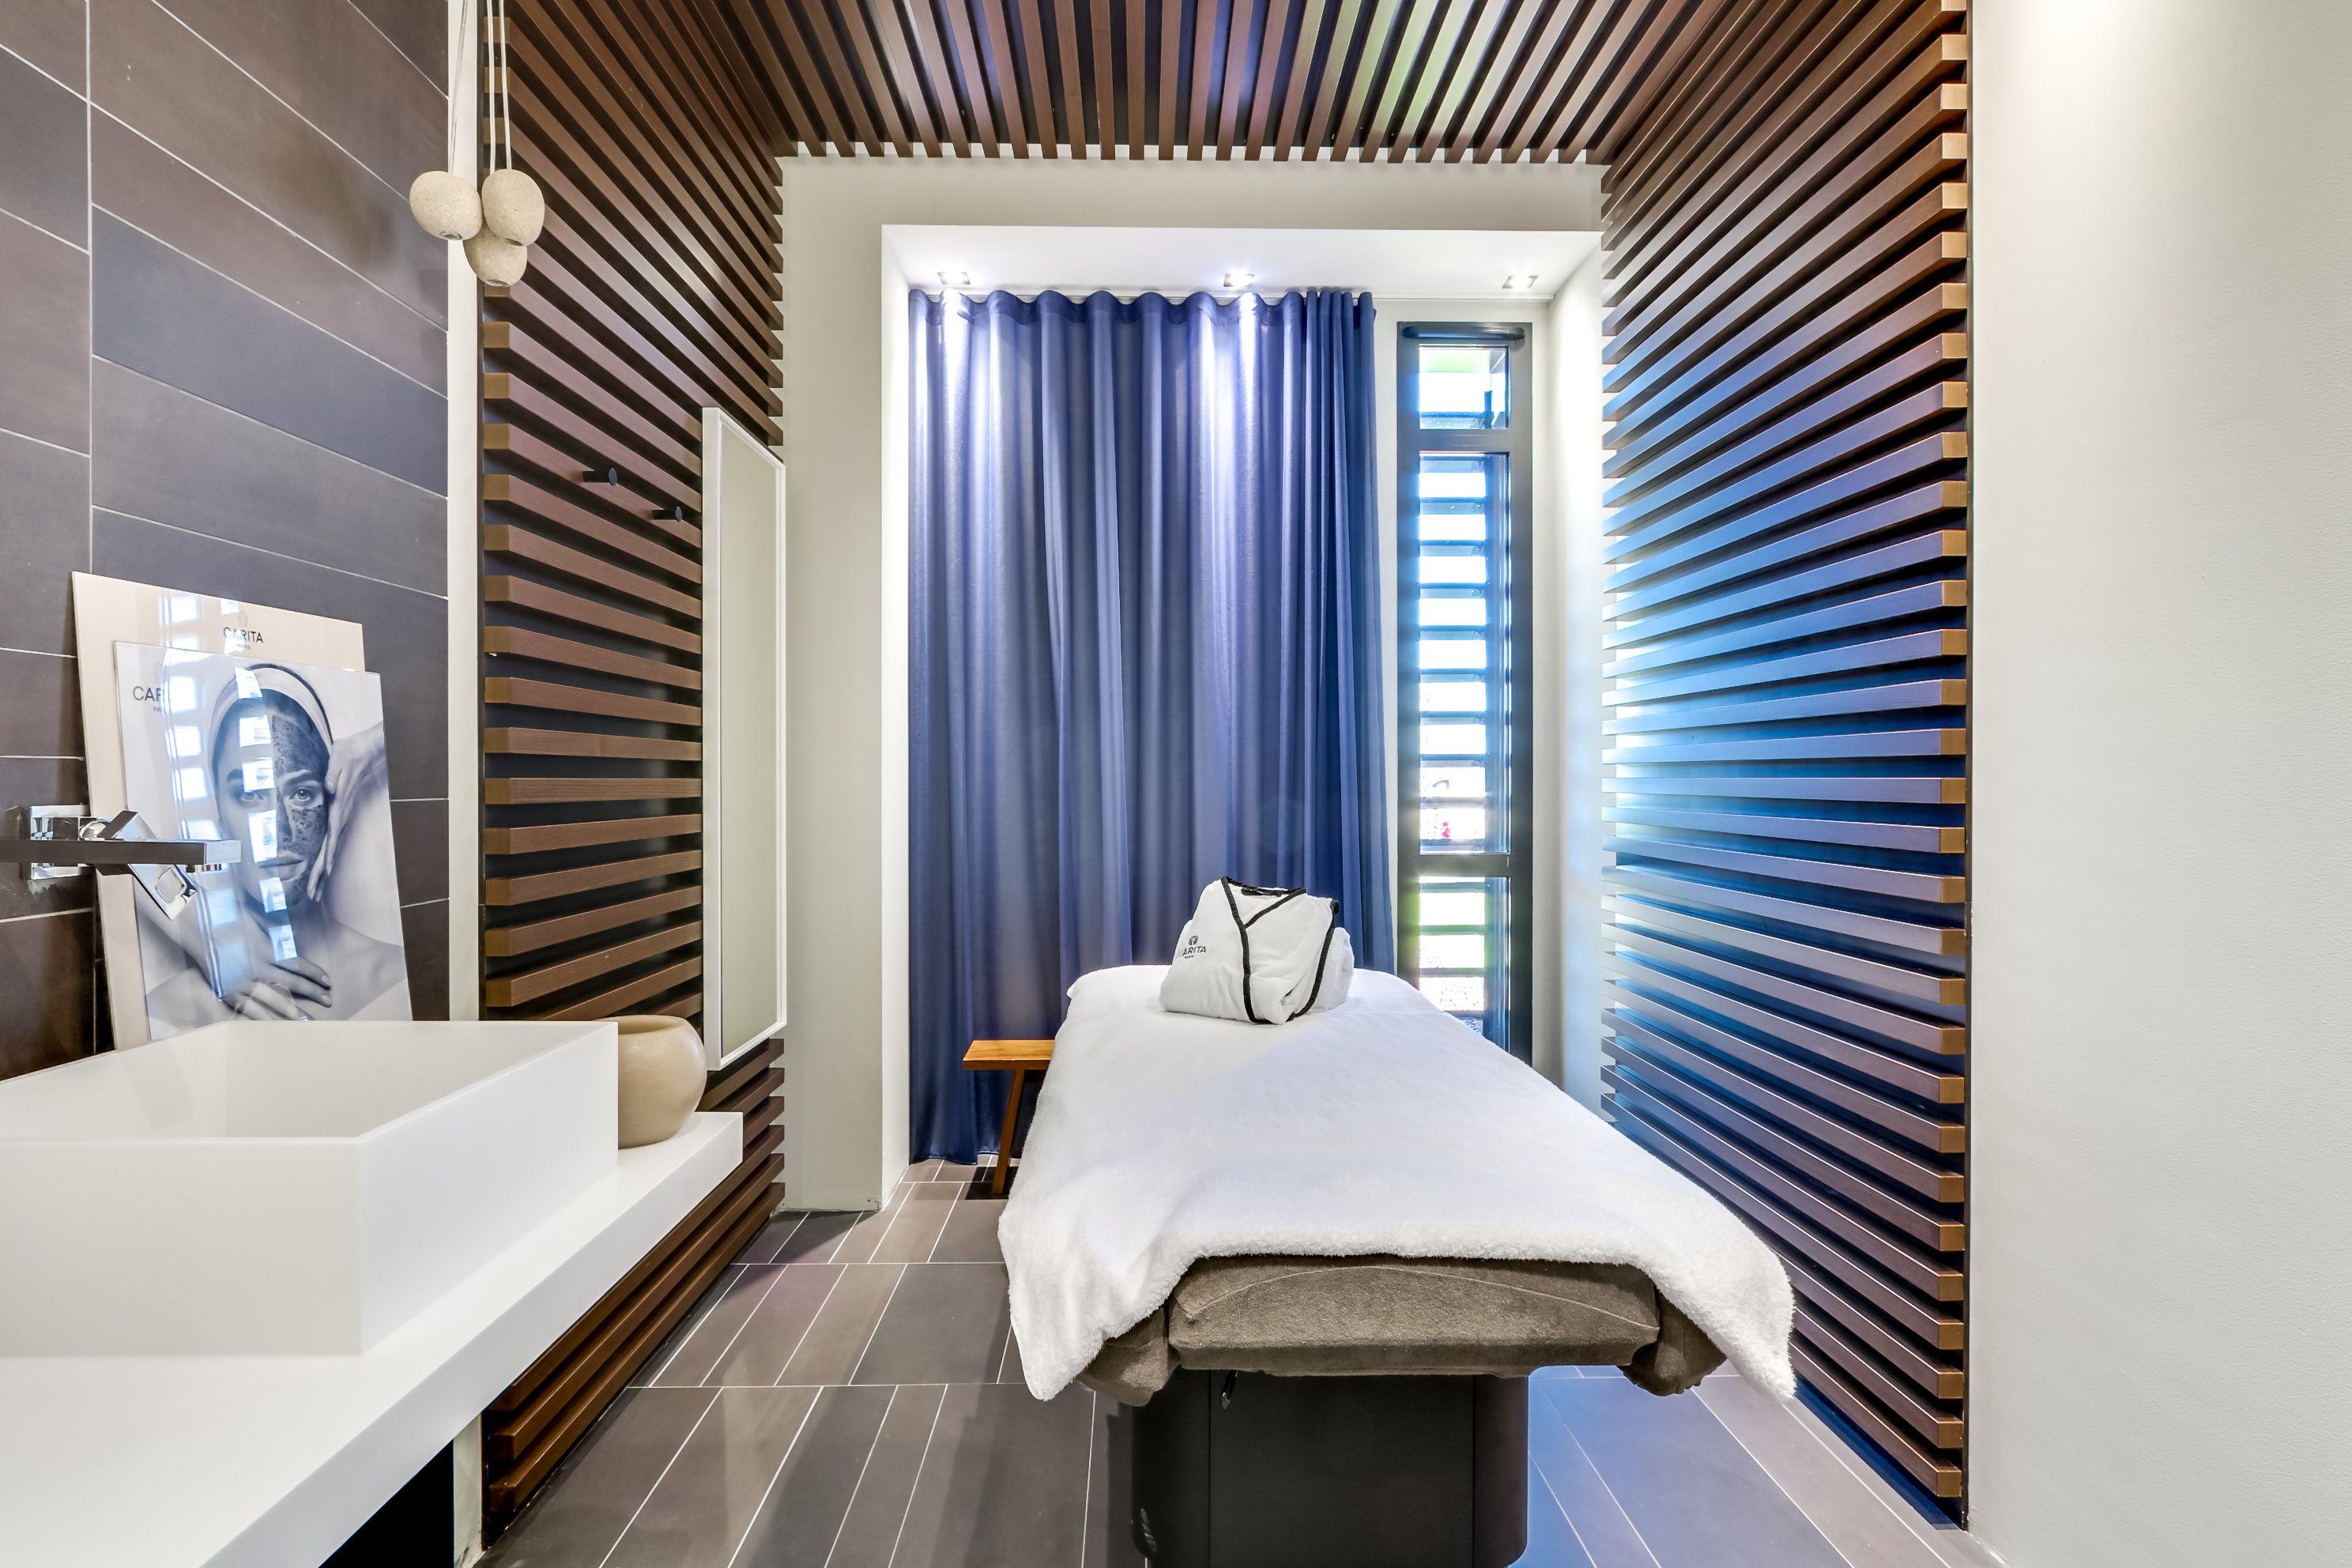 Marrakech Decoration D Interieur intro | intérieurs d'hôtel, idées de design d'intérieur